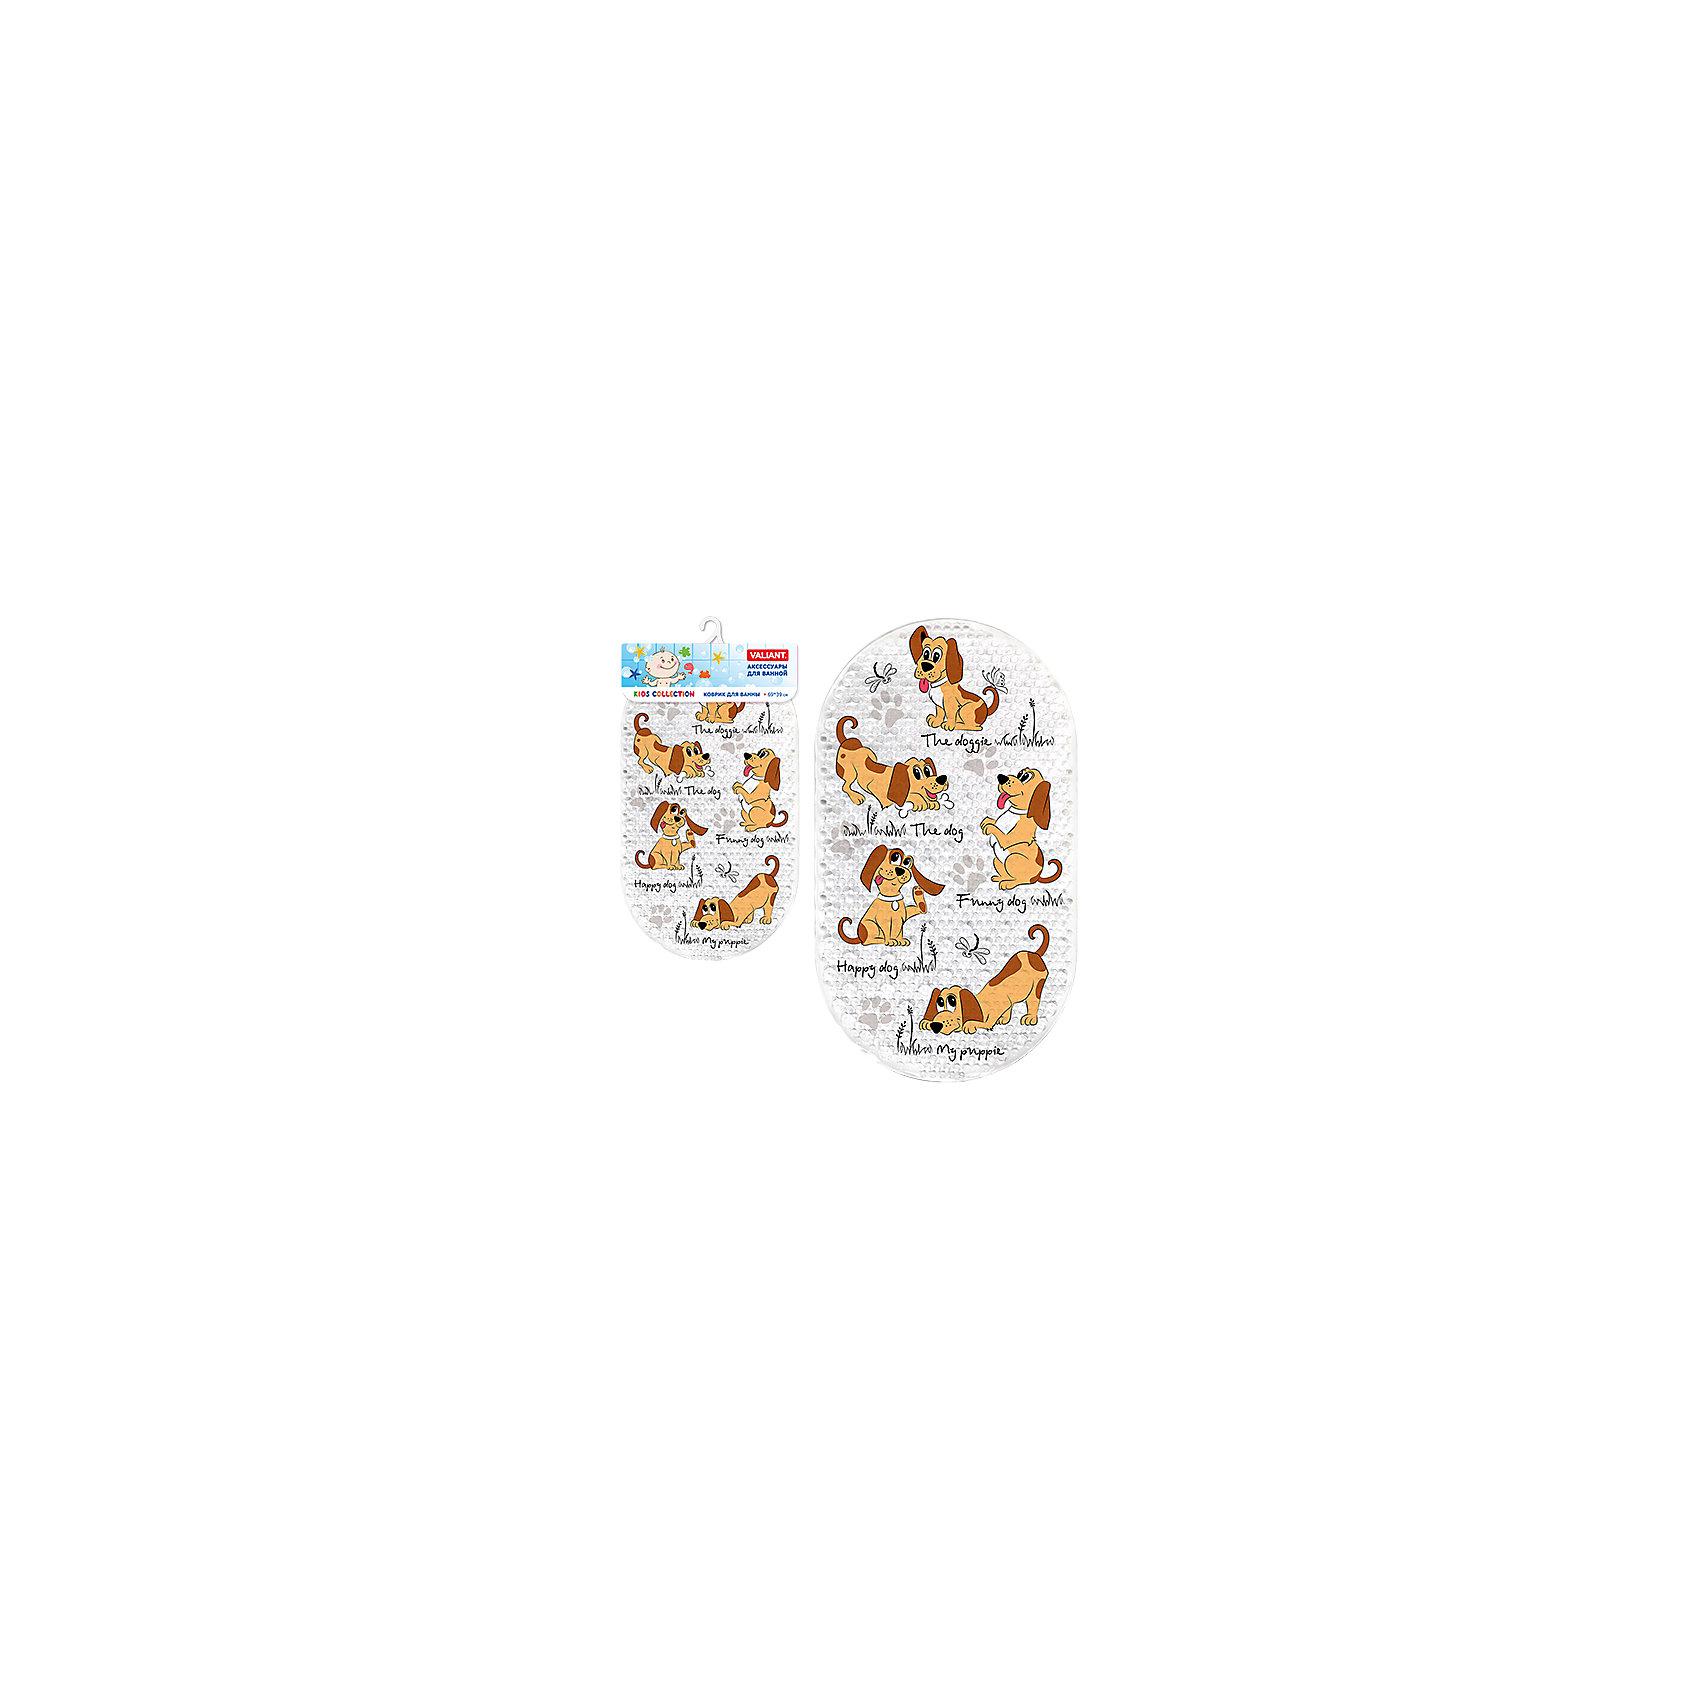 Коврик для ванны Собачки 69*39 смВанная комната<br>Специальный коврик для ванны Собачки 69*39 см. со смешными персонажами сделает процесс купания для вашего малыша безопасным, увлекательным и интересным приключением. Для большей безопасности коврик необходимо крепить на ровную, гладкую поверхность. У  коврика овальная форма и приятная расцветка, которая подарит хорошее настроение при купании и украсит интерьер ванной комнаты.<br><br>Дополнительная информация: <br><br>- возраст: от 1 года.<br>- материал: поливинилхлорид с антибактериальными добавками.<br>- размер: 69*39 см.<br>- вес: 525 гр.<br><br>Коврик для ванны  Собачки  69*39 см.  можно купить в нашем интернет-магазине.<br><br>Ширина мм: 390<br>Глубина мм: 30<br>Высота мм: 760<br>Вес г: 542<br>Возраст от месяцев: -2147483648<br>Возраст до месяцев: 2147483647<br>Пол: Унисекс<br>Возраст: Детский<br>SKU: 4563353